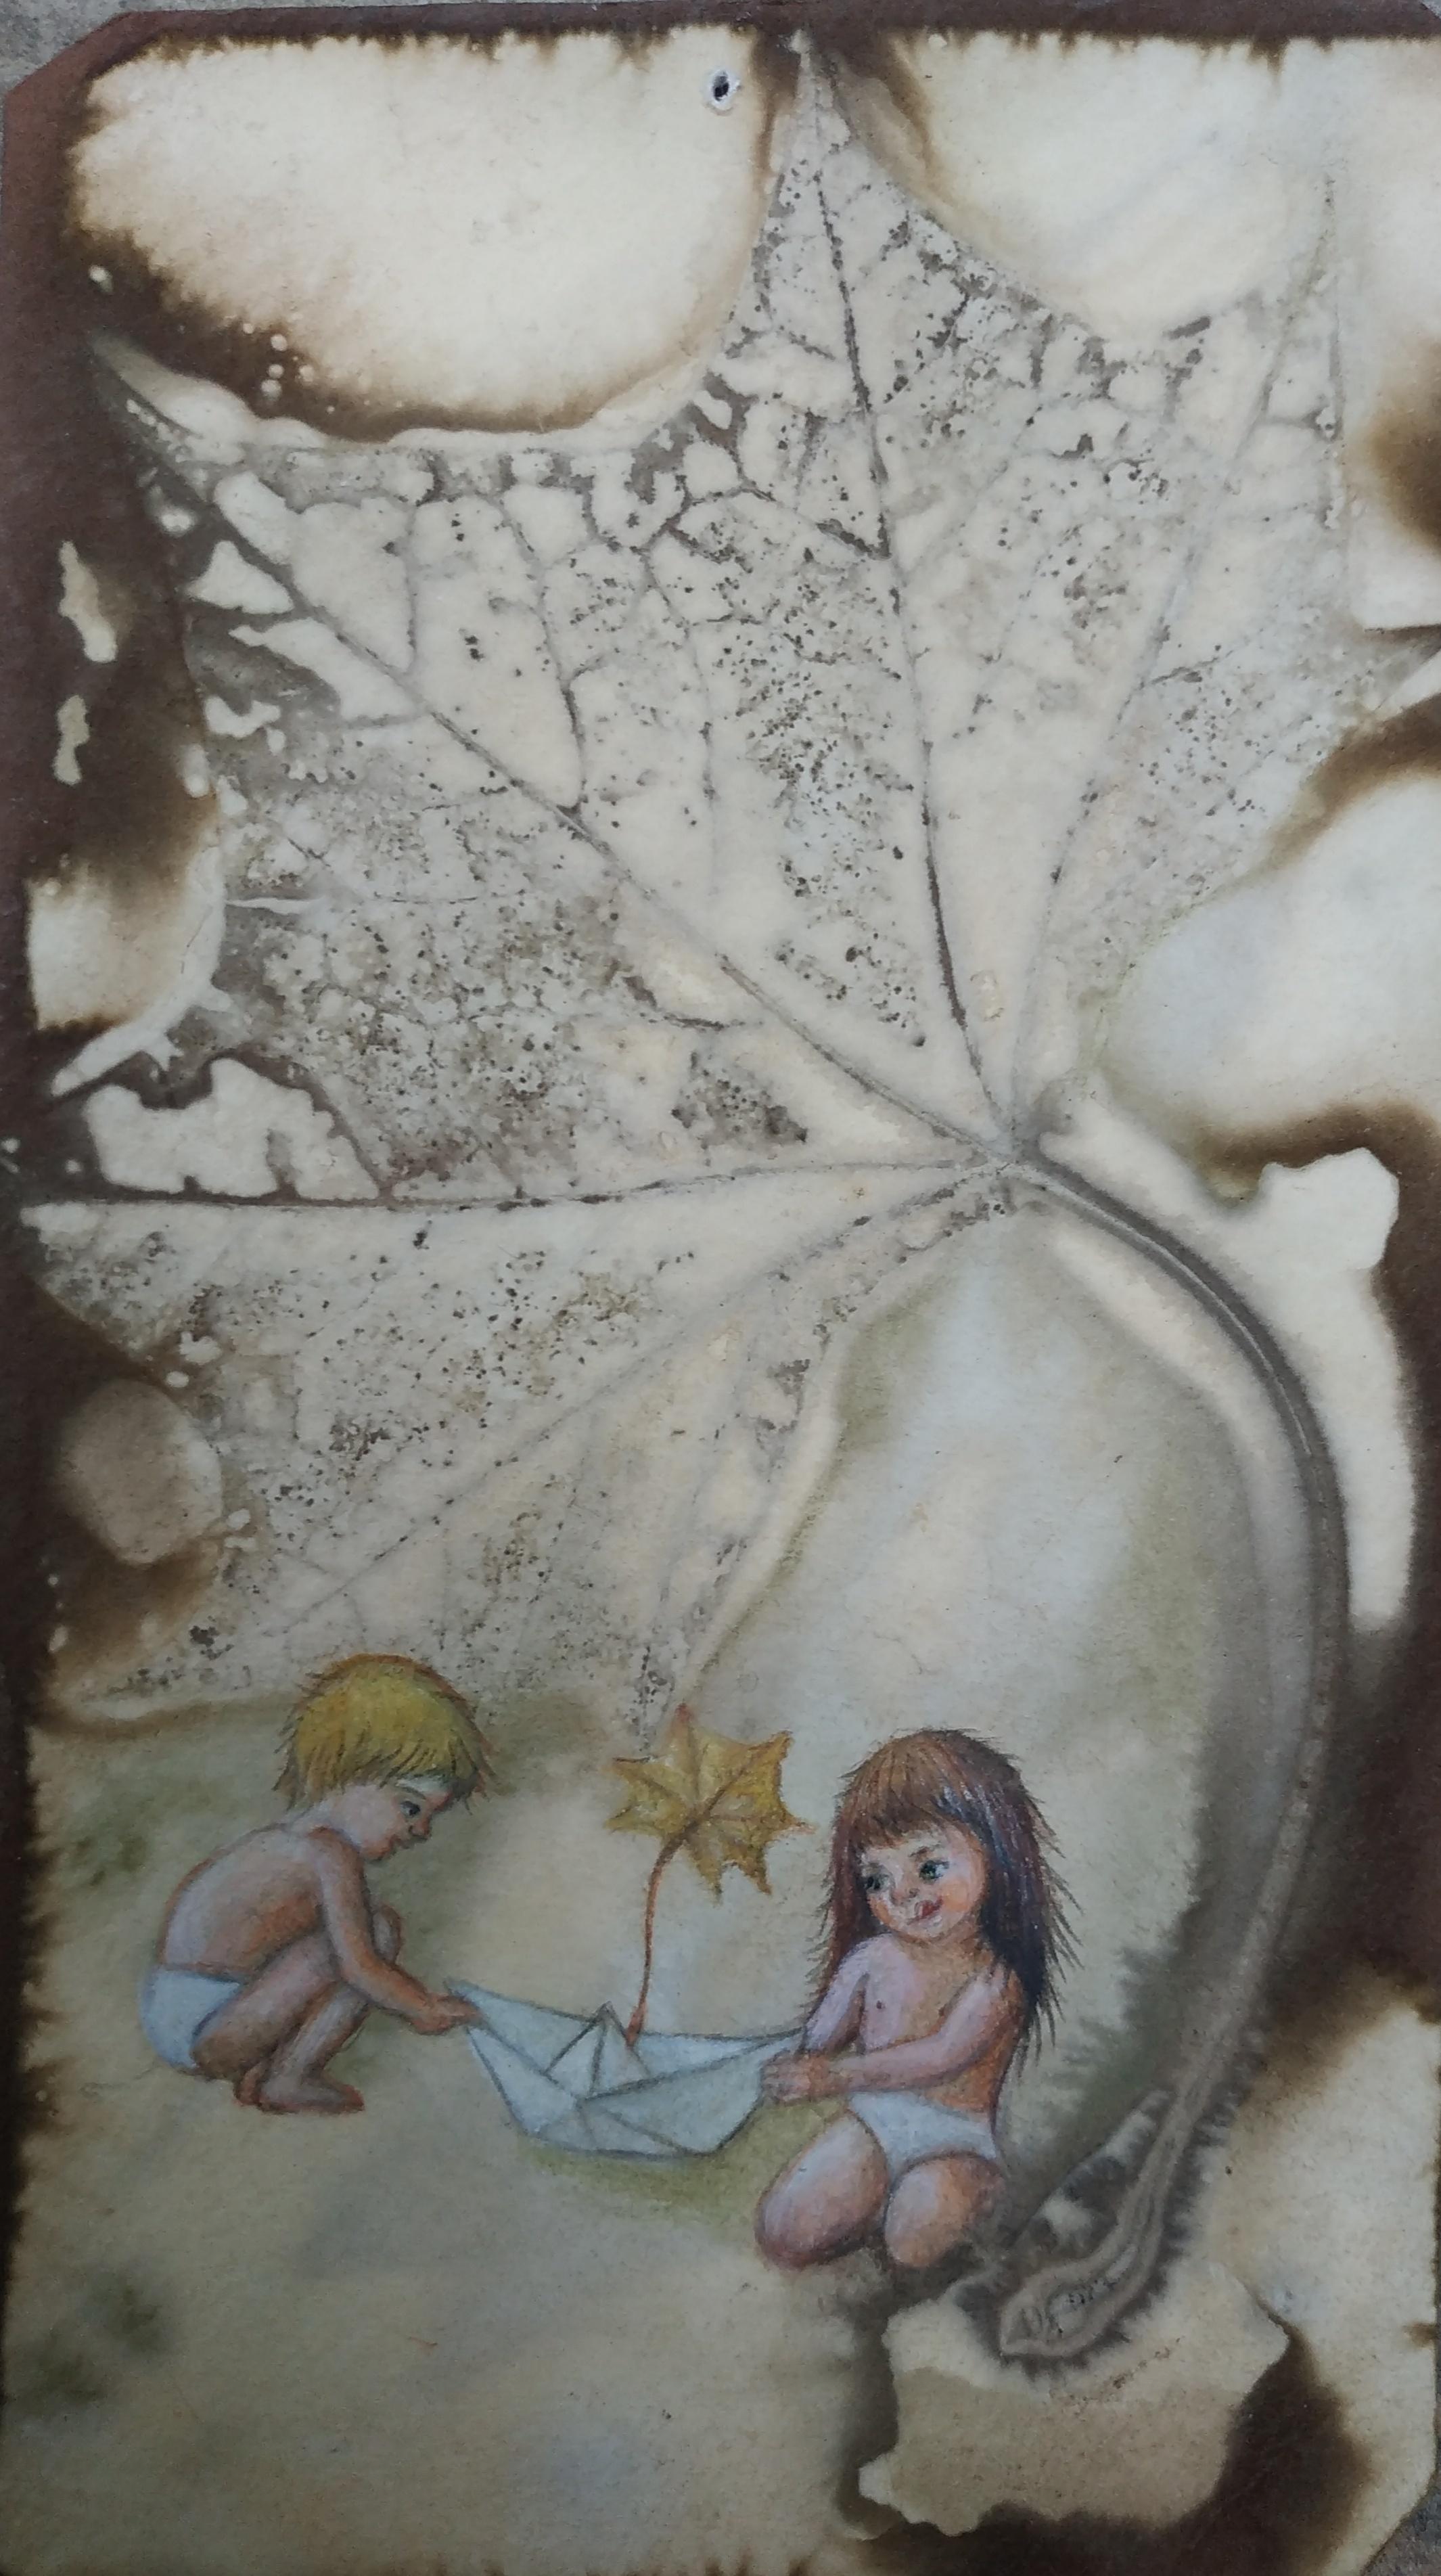 אקו פרינט וצבעי עפרון מים